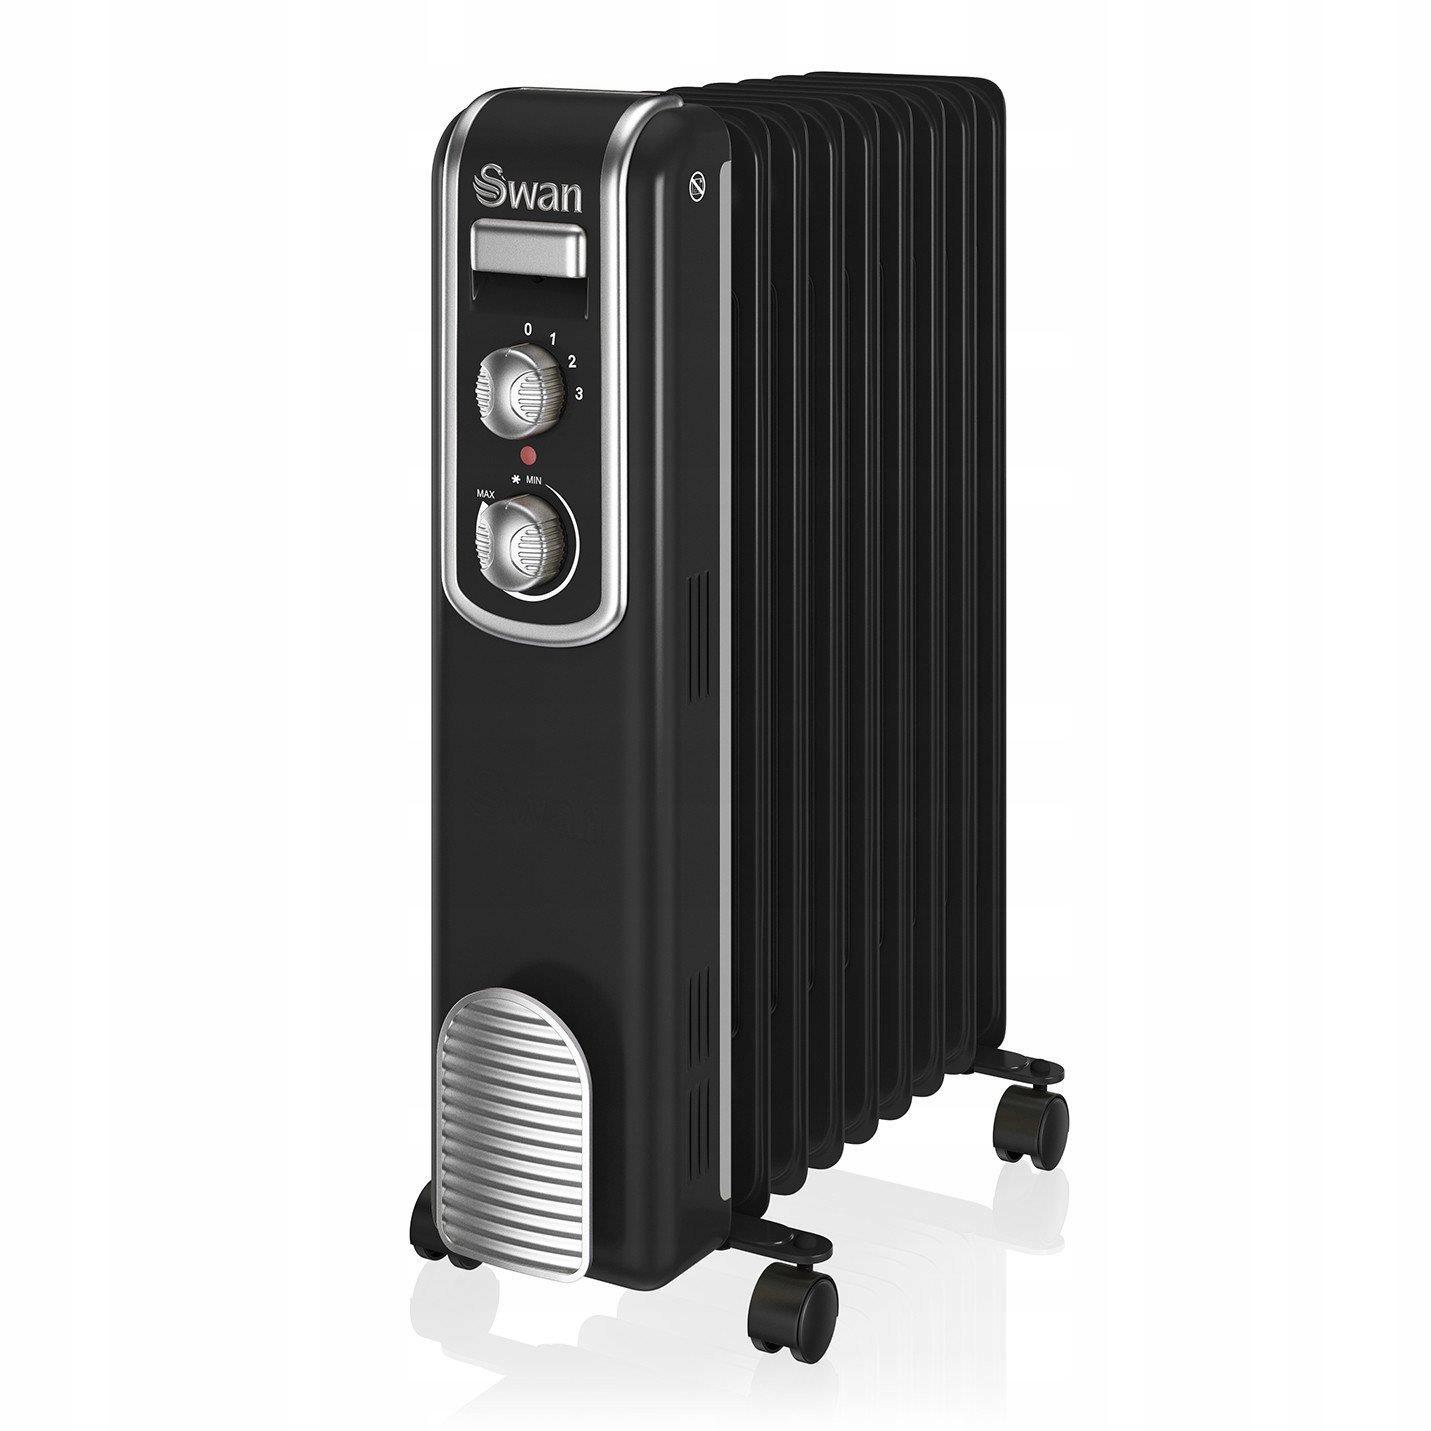 Olej radiátor Swan RETRO SH60010BN (2000W 9